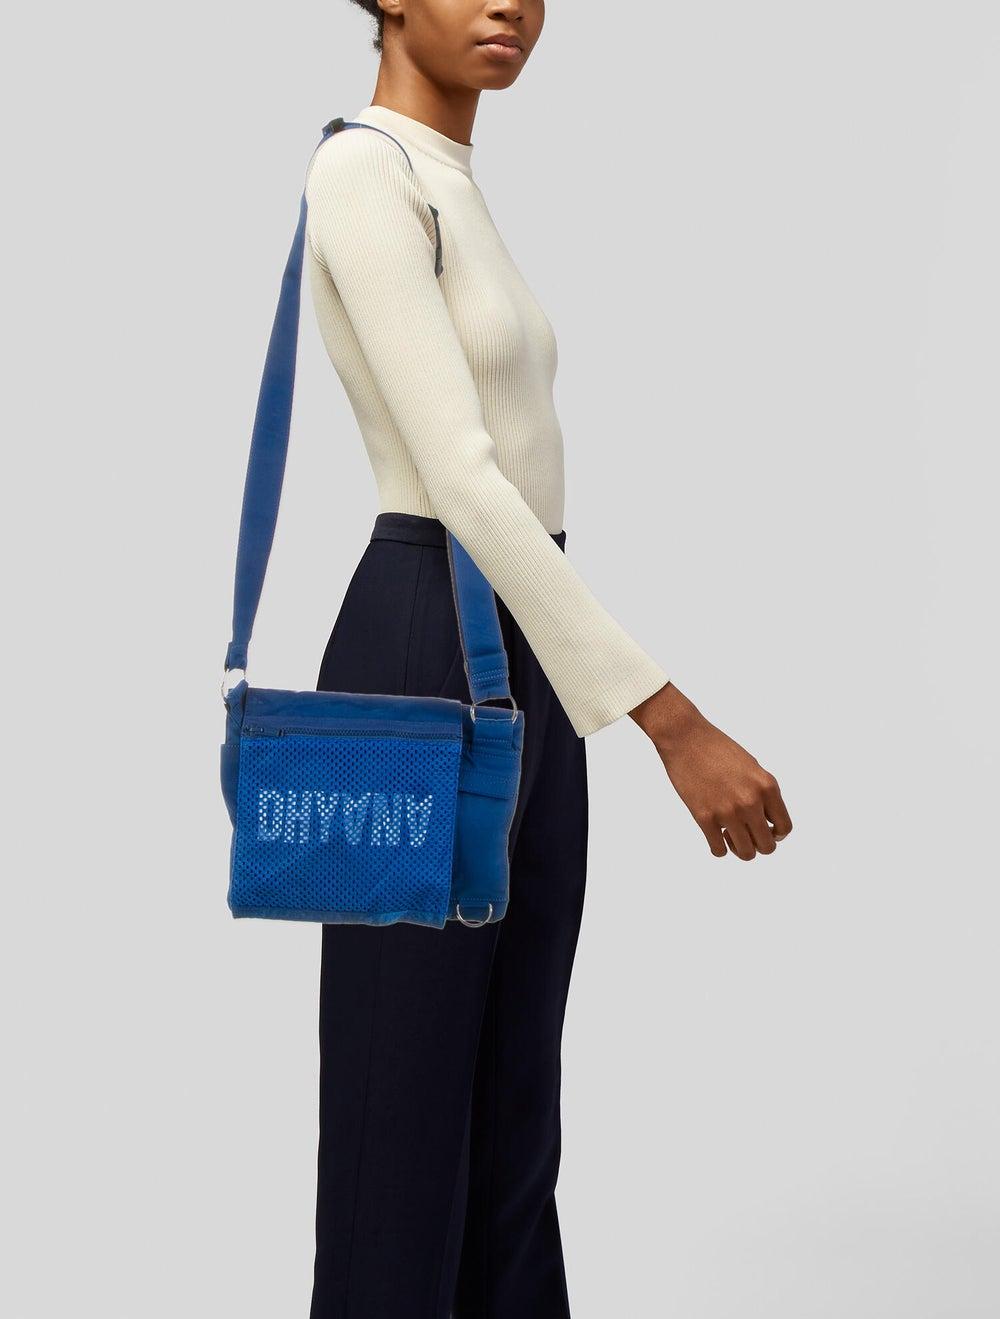 Undercover Nylon Shoulder Bag Blue - image 2